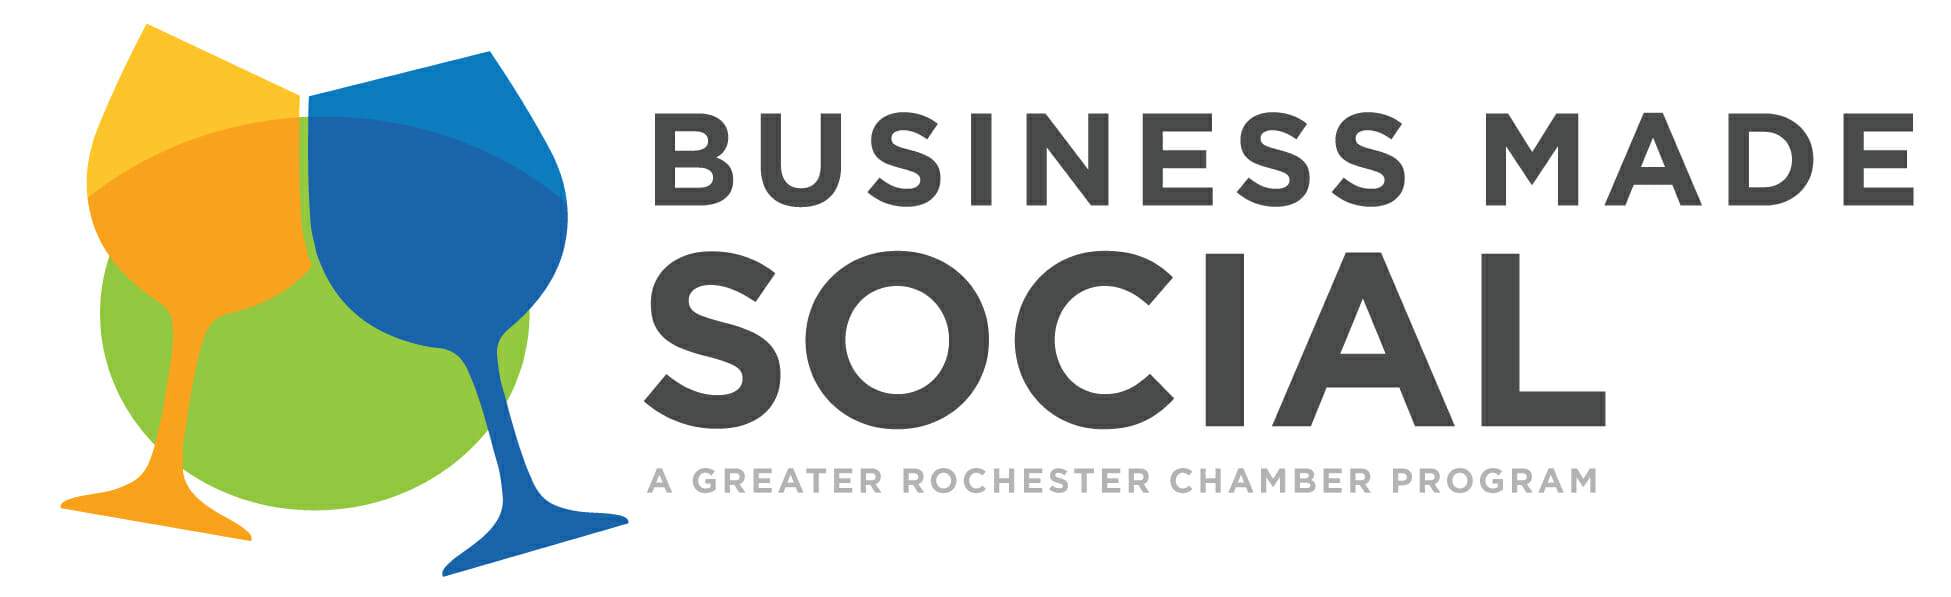 Business Made Social logo